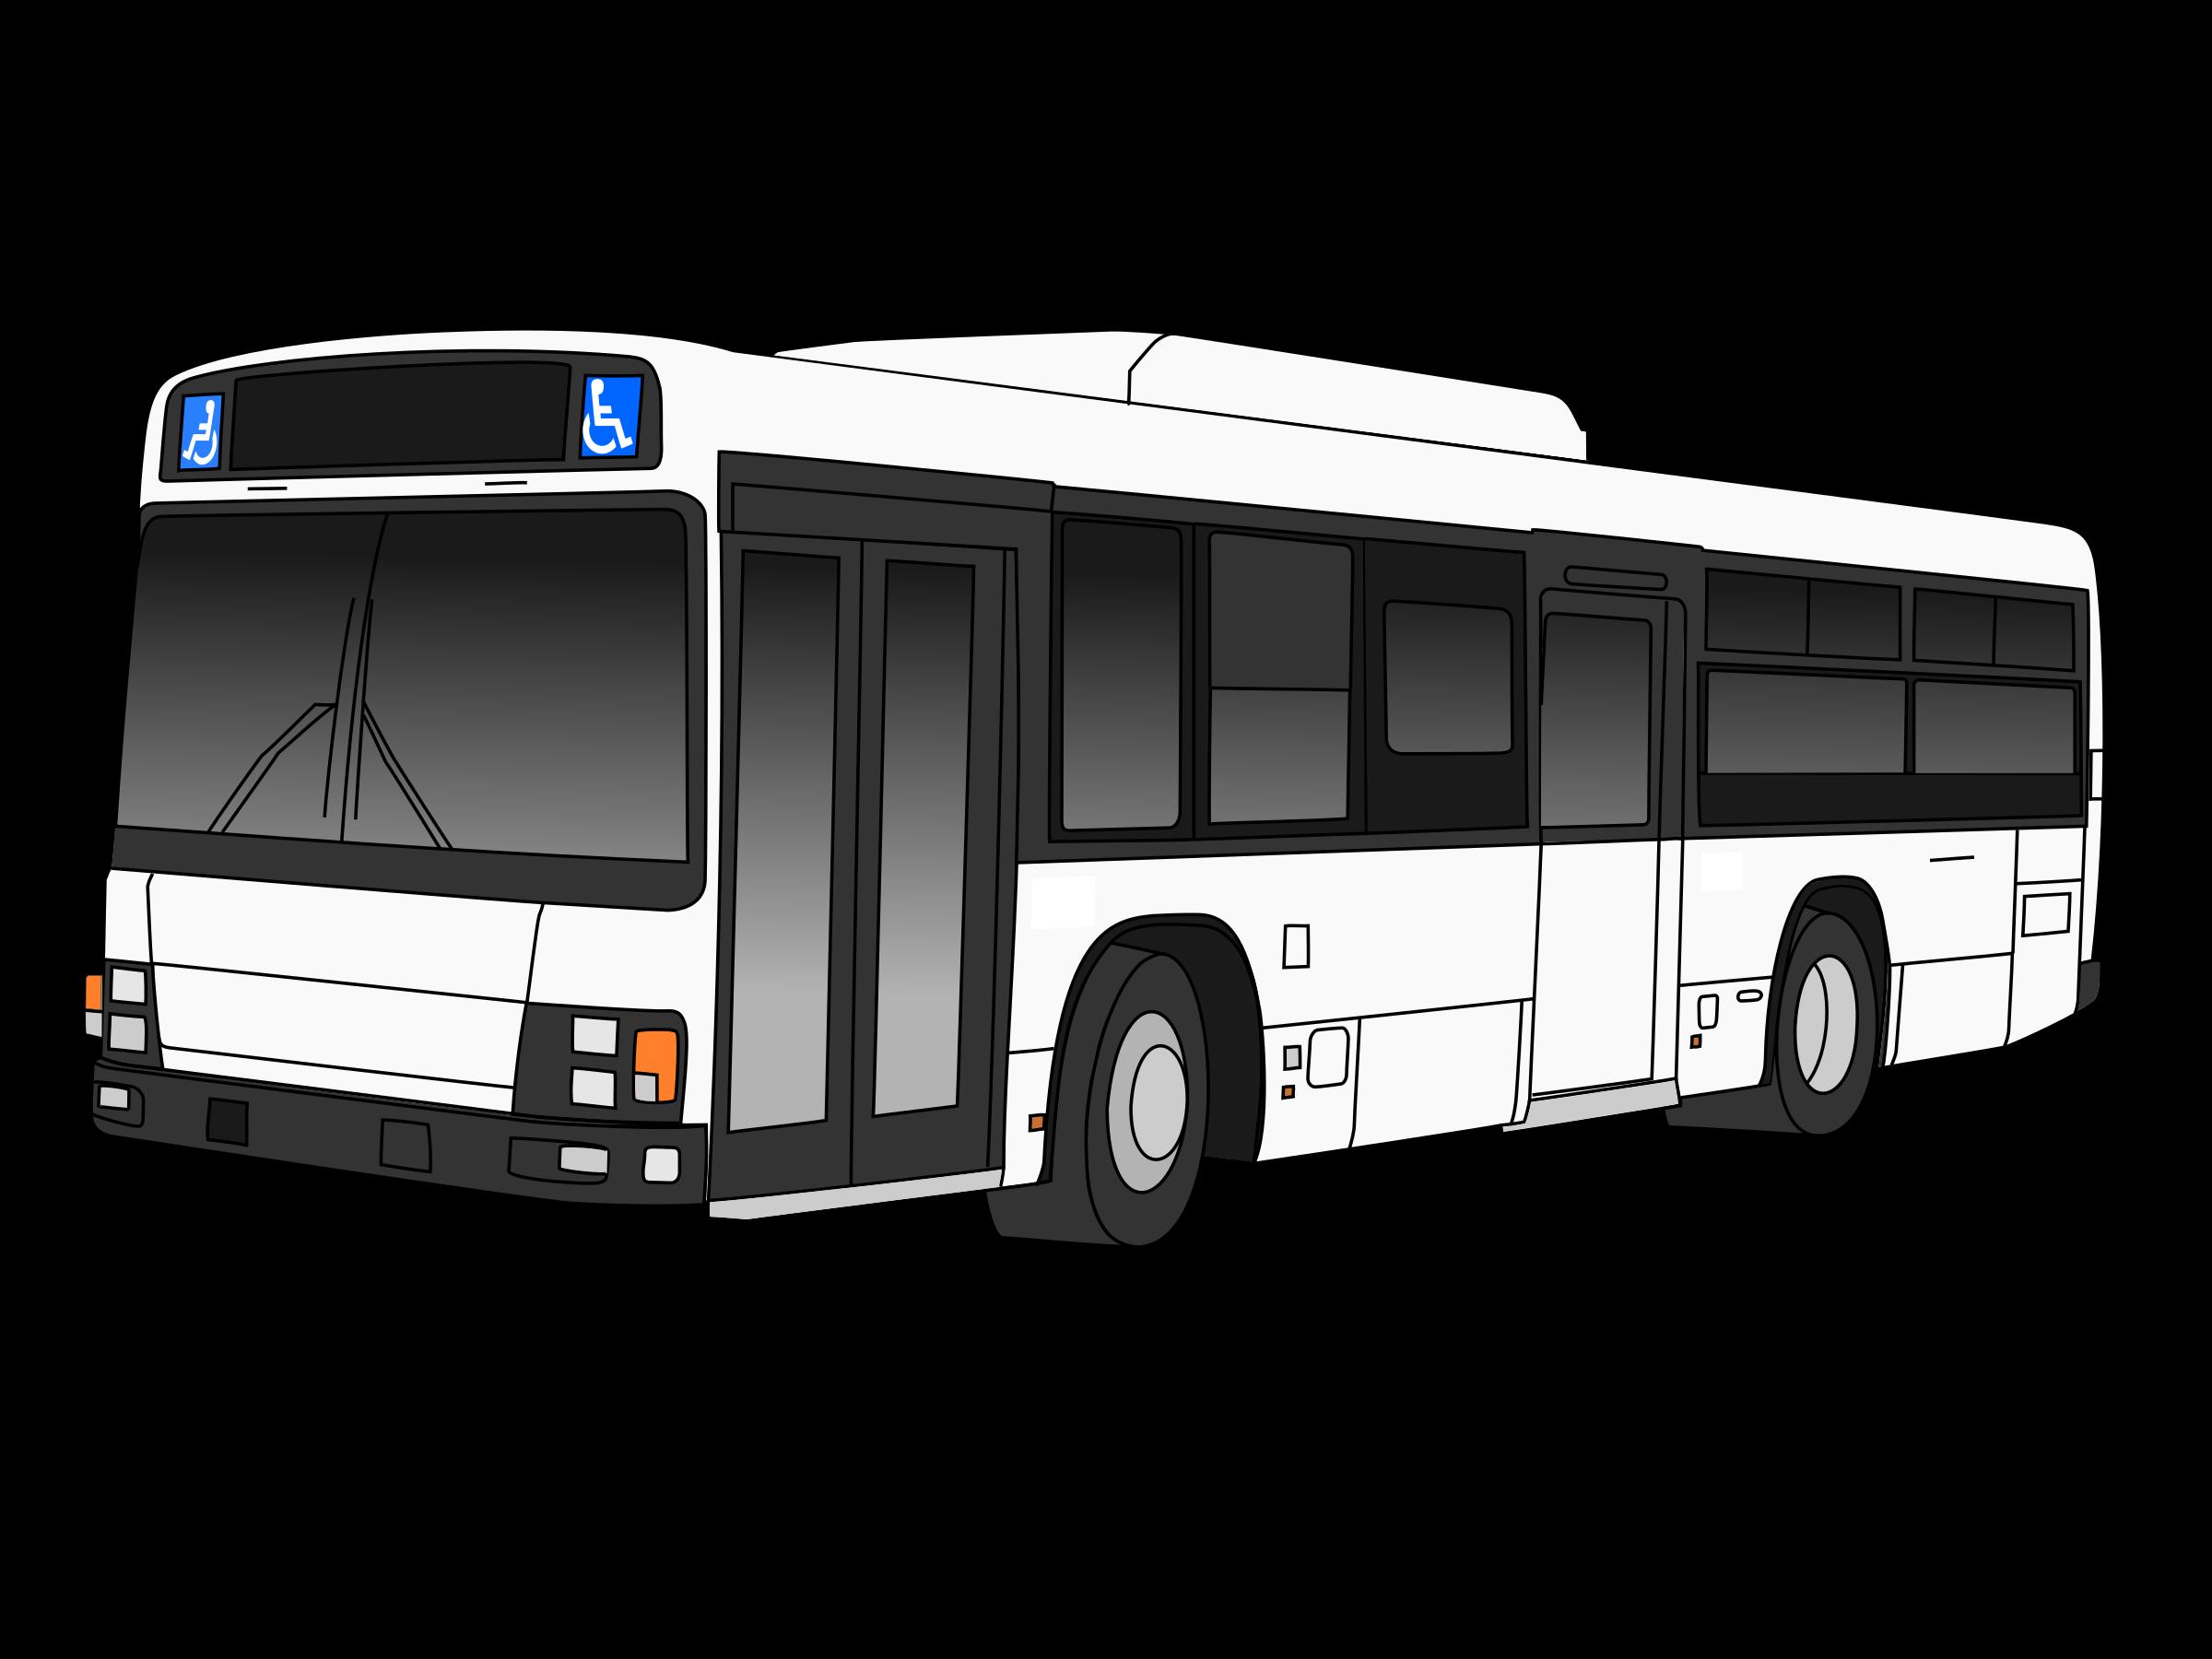 Transit public stop clip. Clipart bus land transport